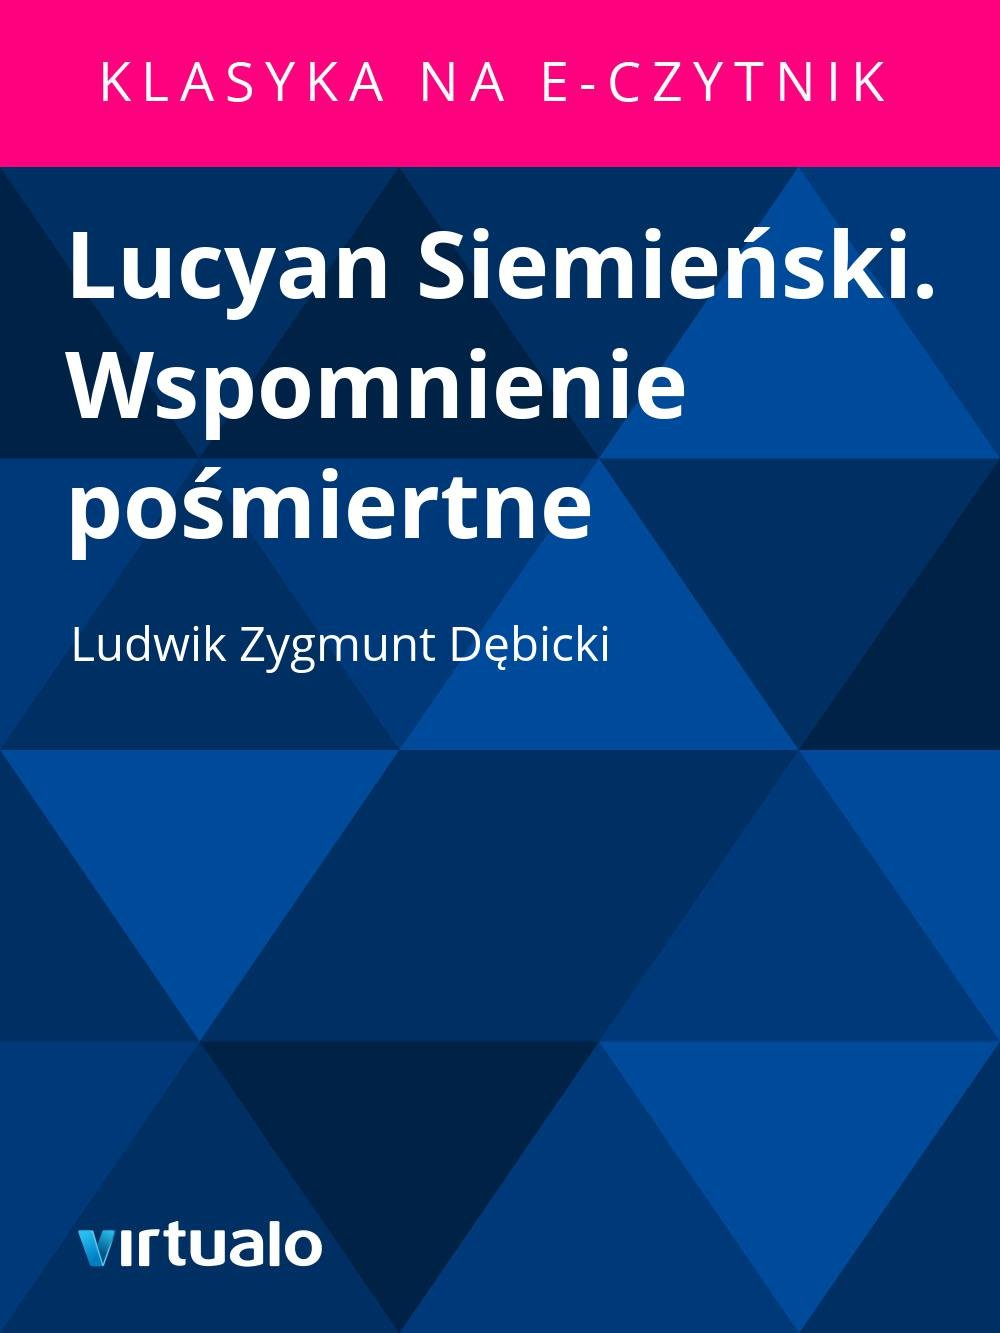 Lucyan Siemieński. Wspomnienie pośmiertne - Ebook (Książka EPUB) do pobrania w formacie EPUB